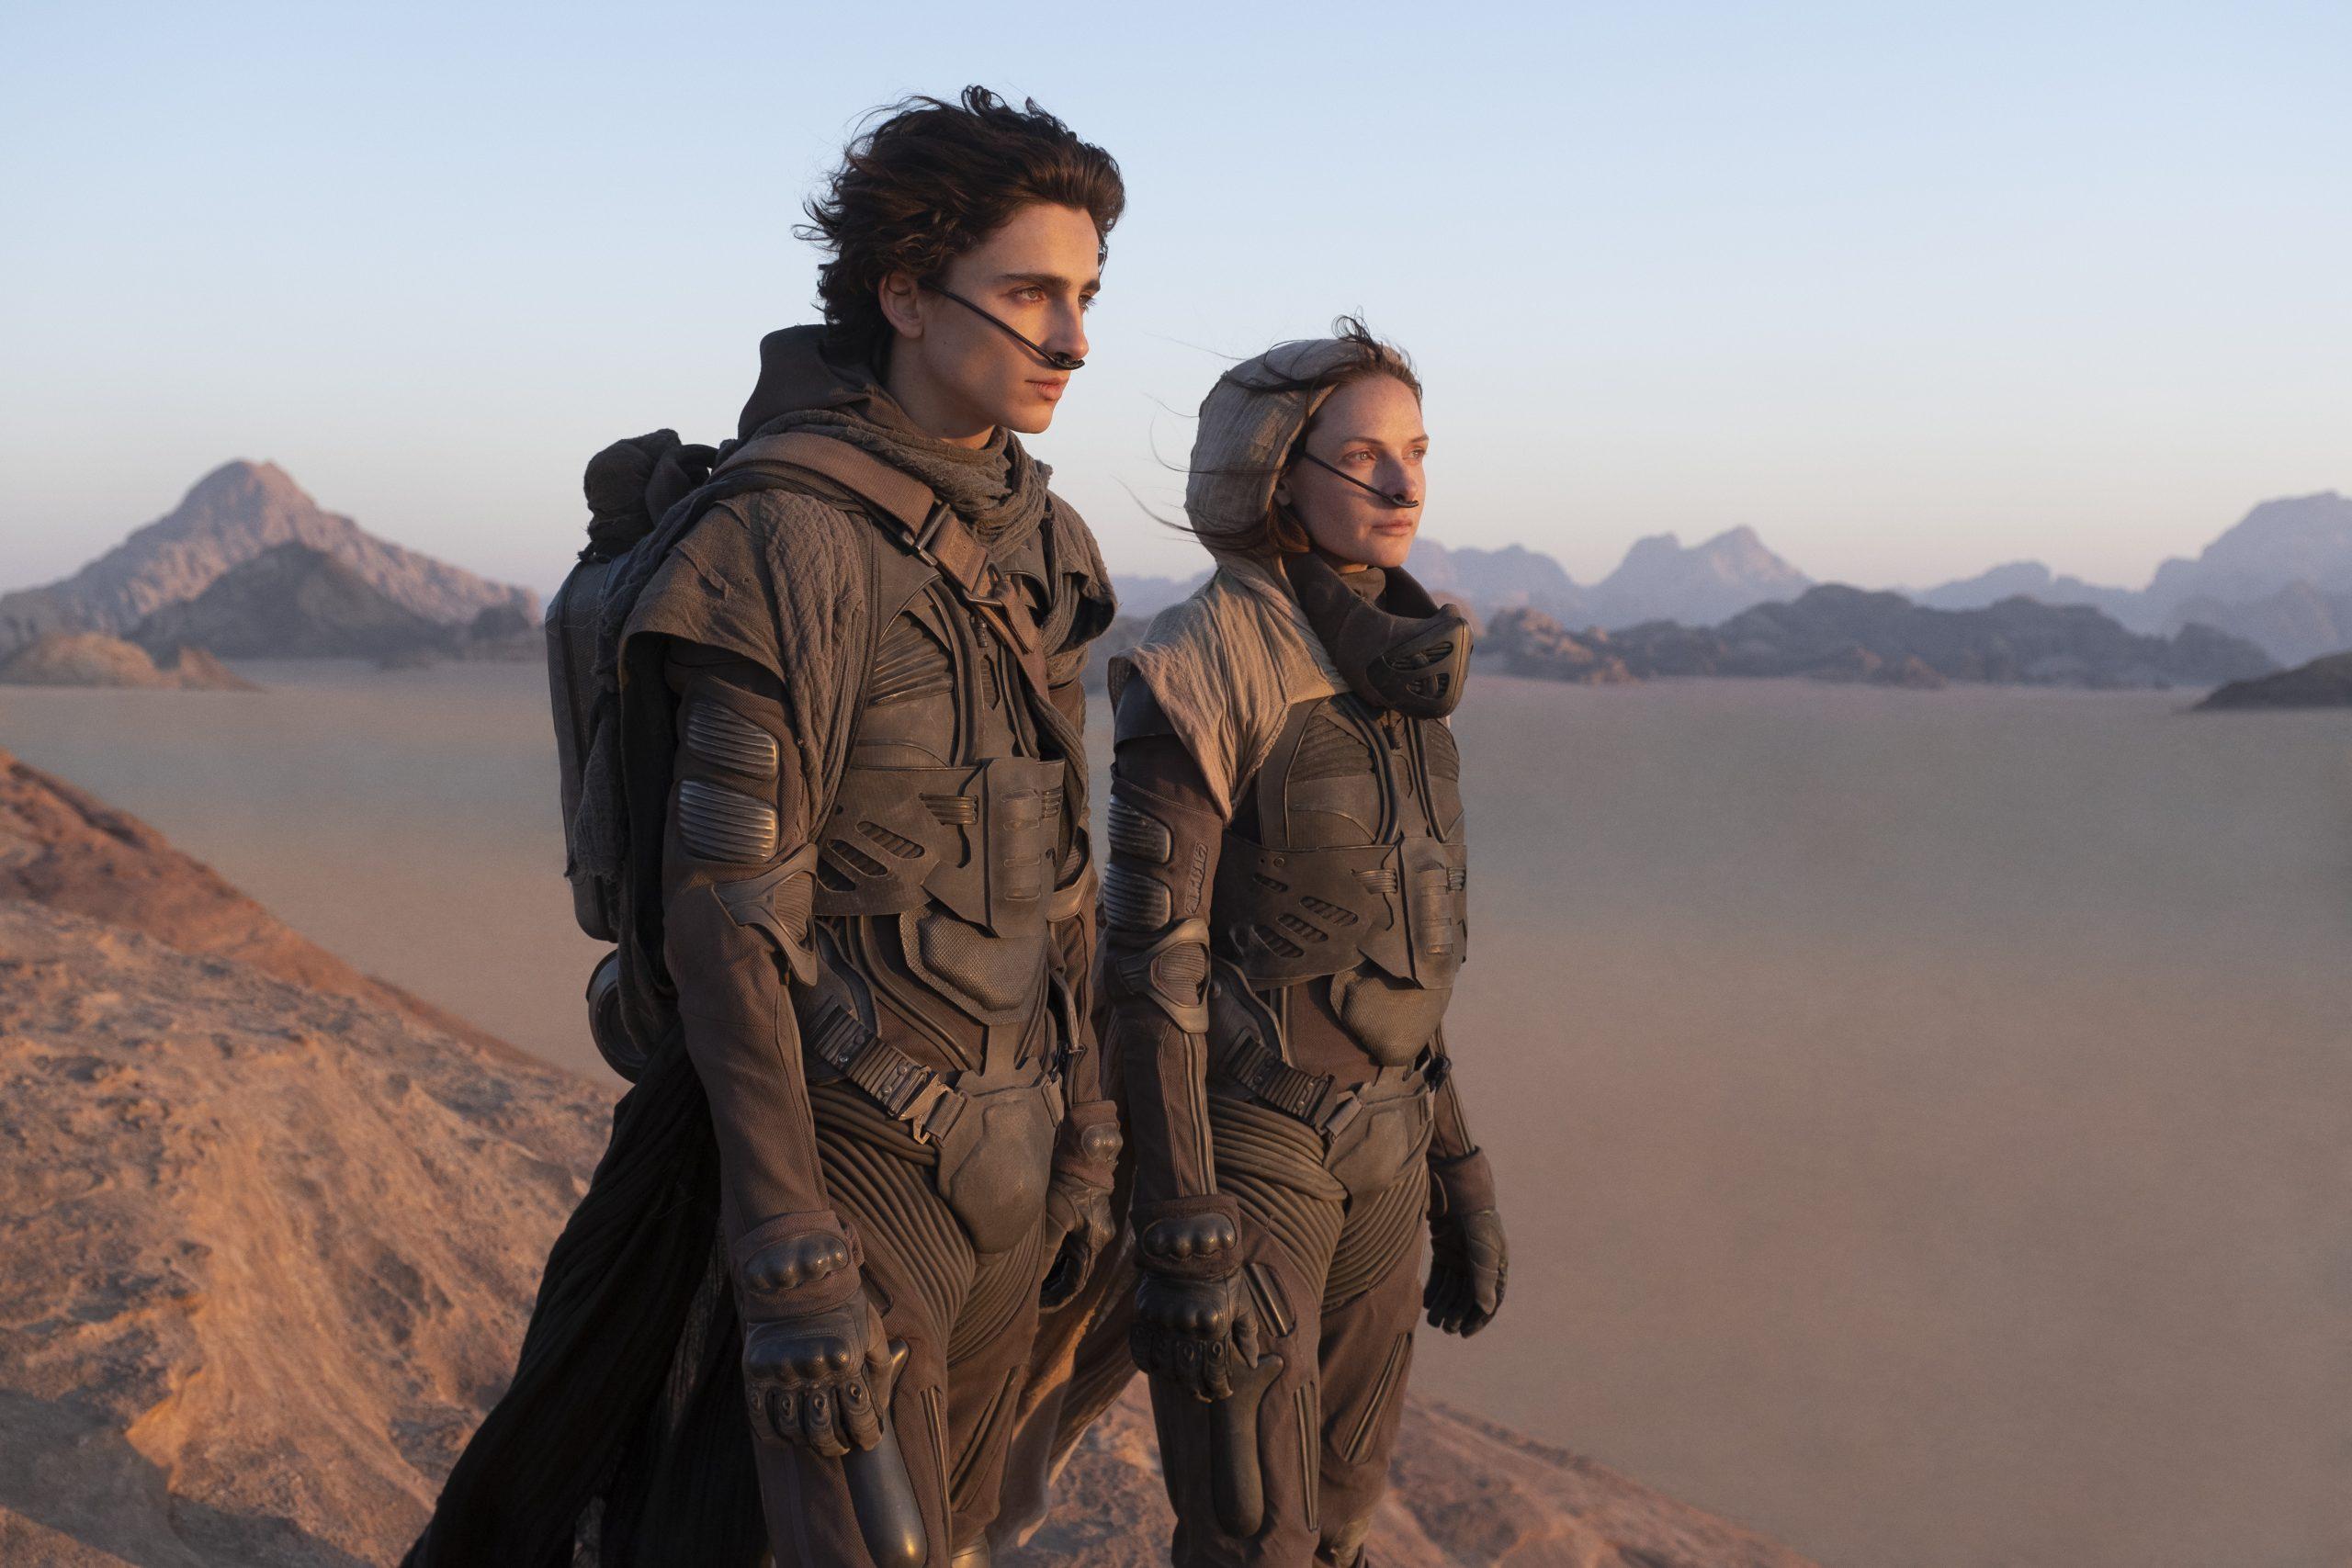 Un vistazo al mundo de Arrakis y Timothée Chalamet en el primer trailer oficial de Dune